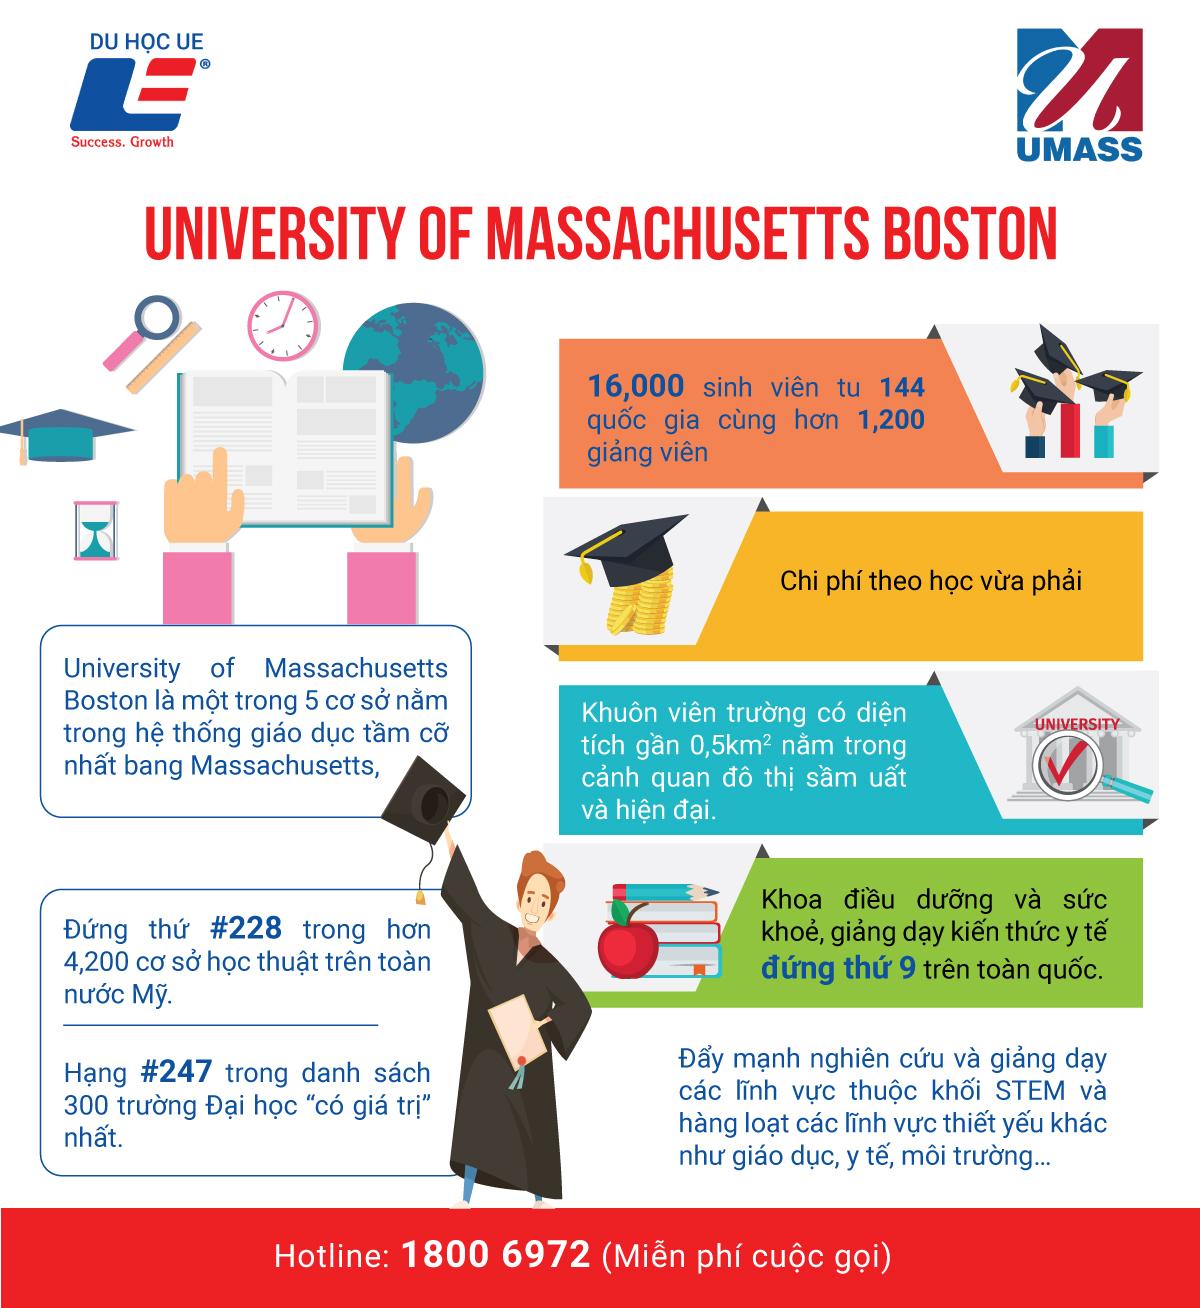 University Of Massachusetts Boston - Điểm đến của những nghiên cứu sinh